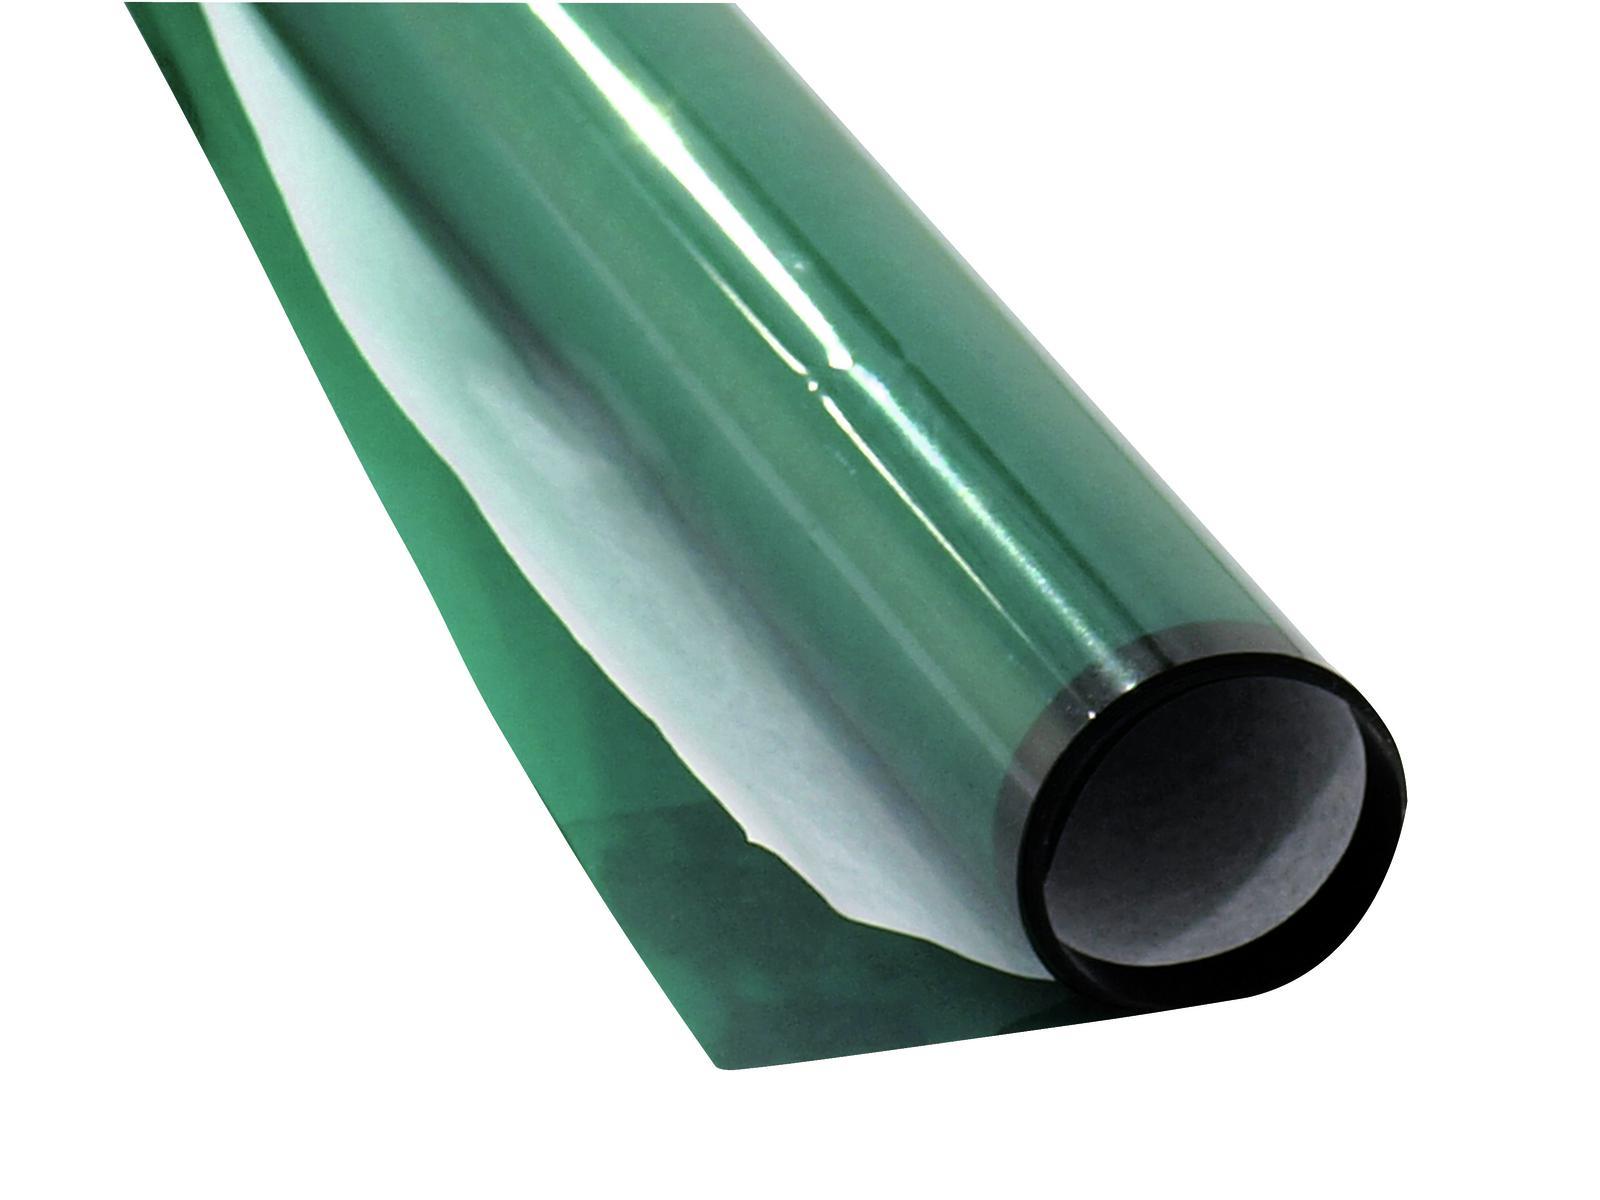 Gelatina Rotolo Filtro Per Tubo neon 124 61x50cm verde scuro Eurolite